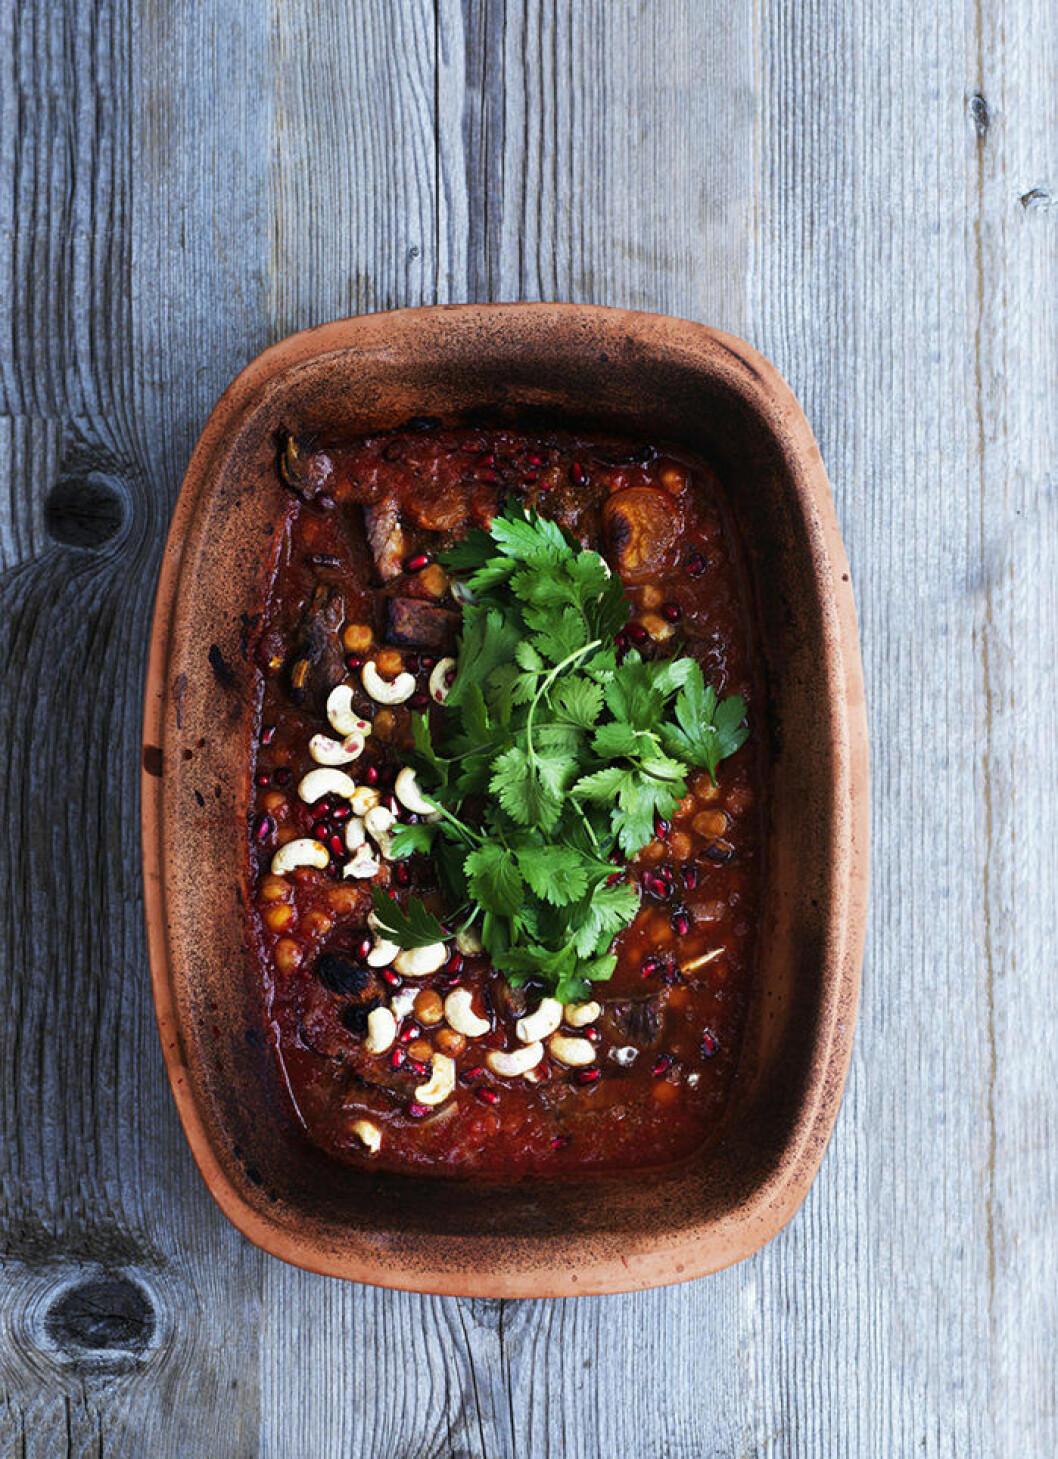 marockansk oxgryta - recept